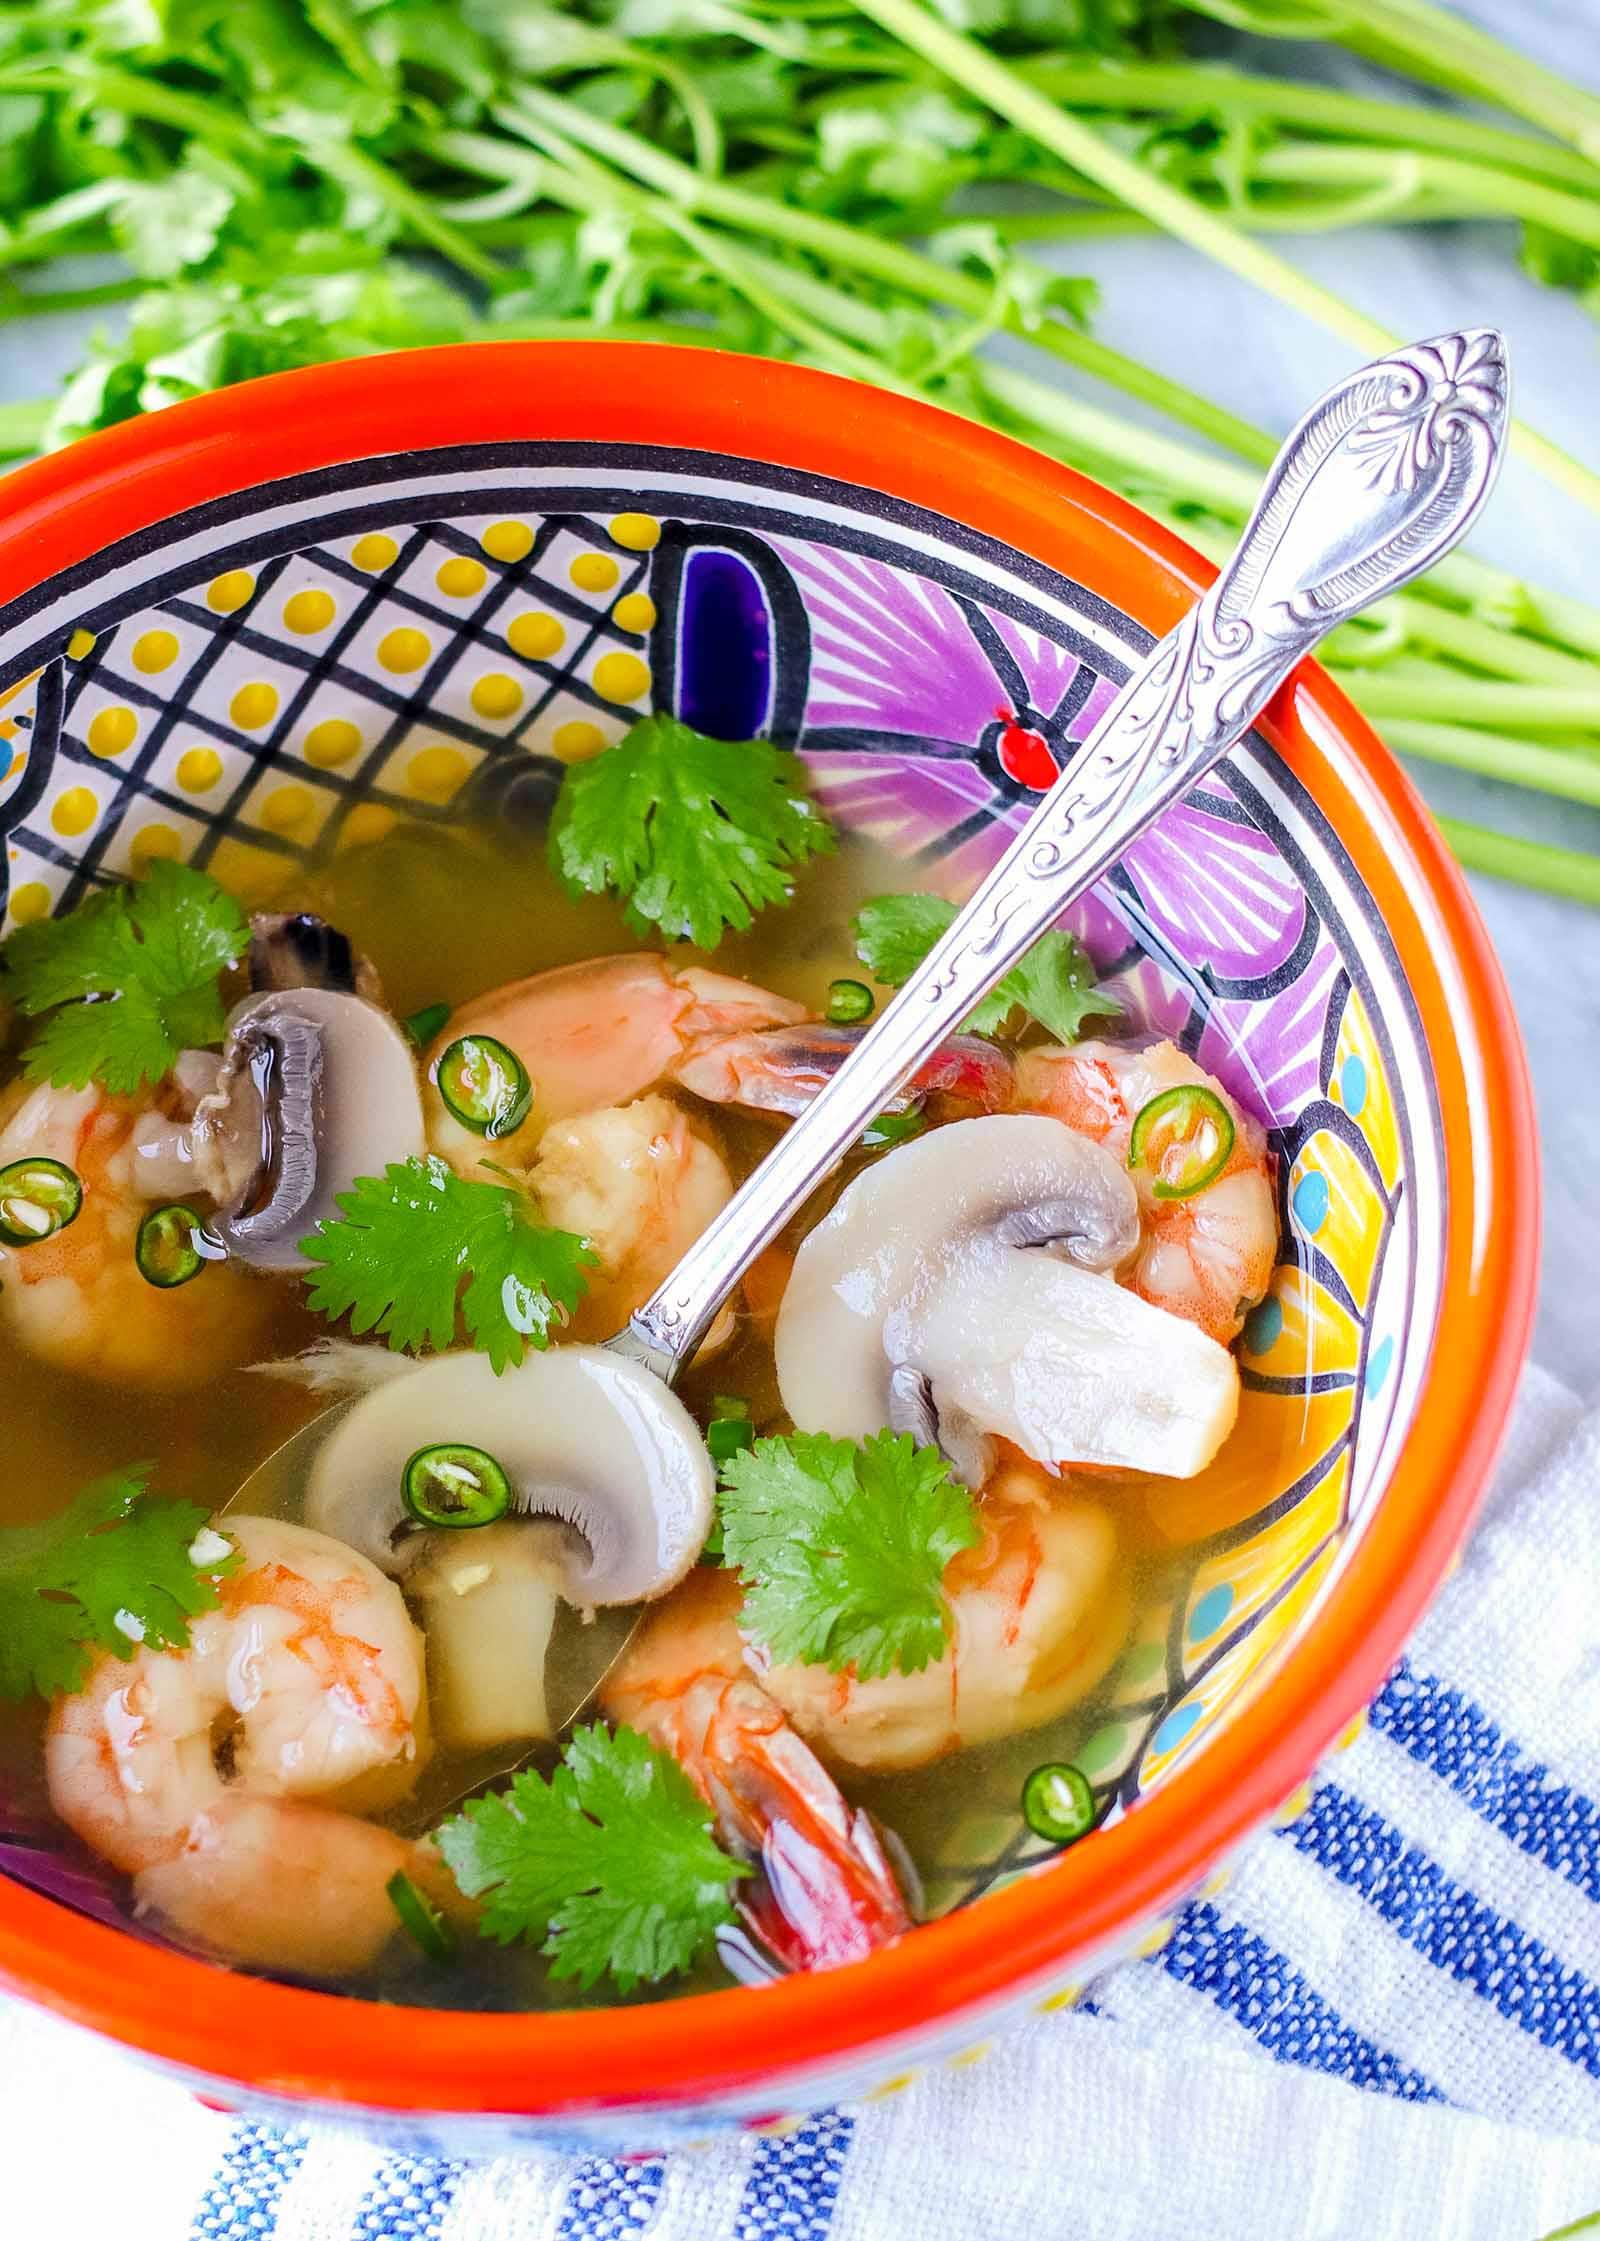 Вертикальный вид чаши с ярким рисунком и серебряной ложкой внутри. В миске суп Том ям с креветками, кинзой и грибами на легком бульоне. Над чашей - стебли кинзы, а под чашей - льняное полотно в синюю полоску.